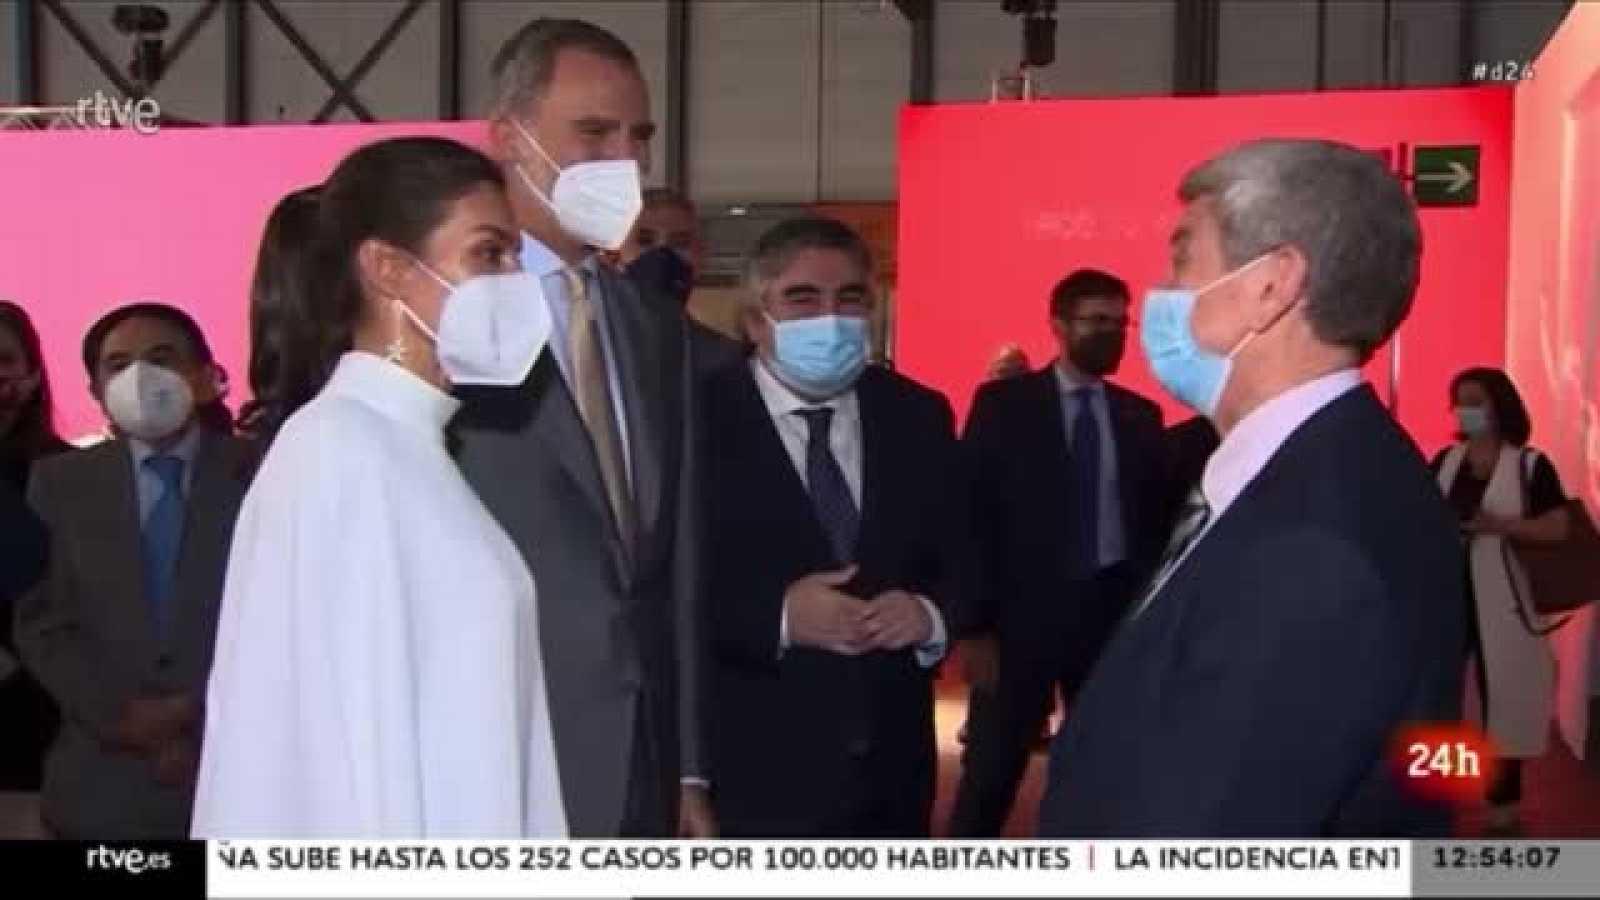 Los Reyes visitan el stand de RTVE en ARCO